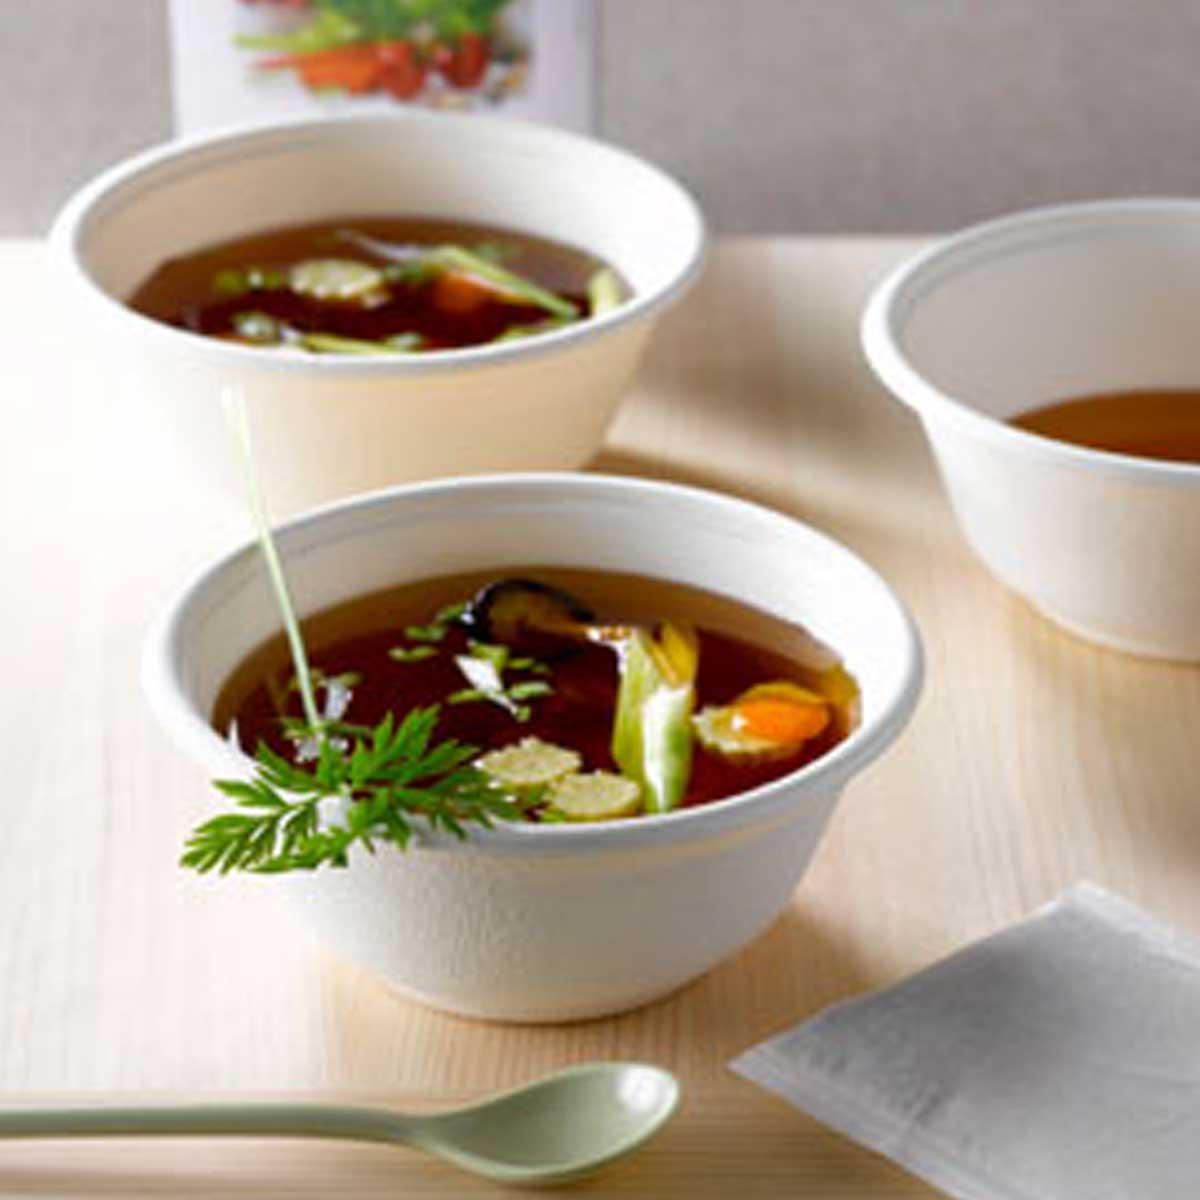 Recette soupe japonaise revigorante cuisine madame figaro - Recette soupe japonaise ...